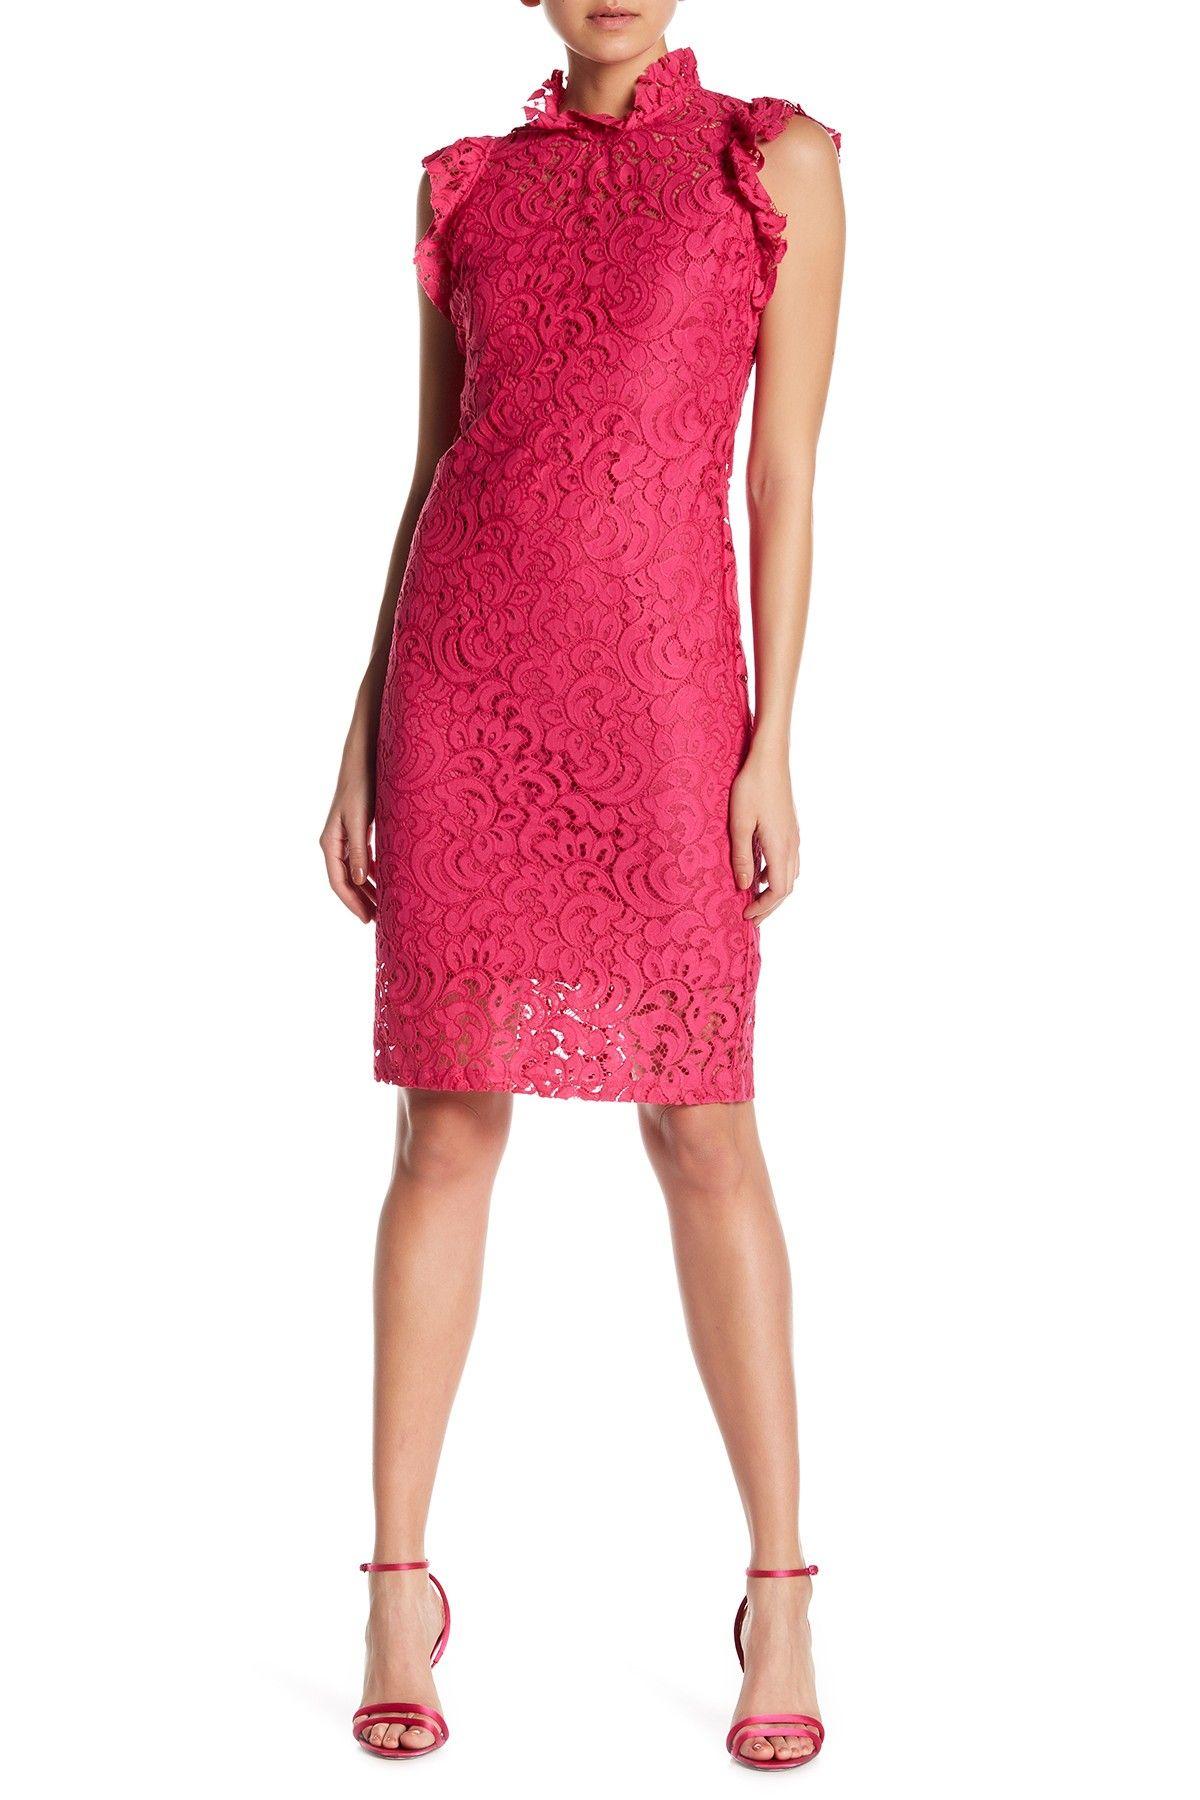 fdf835e7 Alexia Admor | Lace Cap Sleeve Sheath Dress in 2019 | Dresses | Lace ...